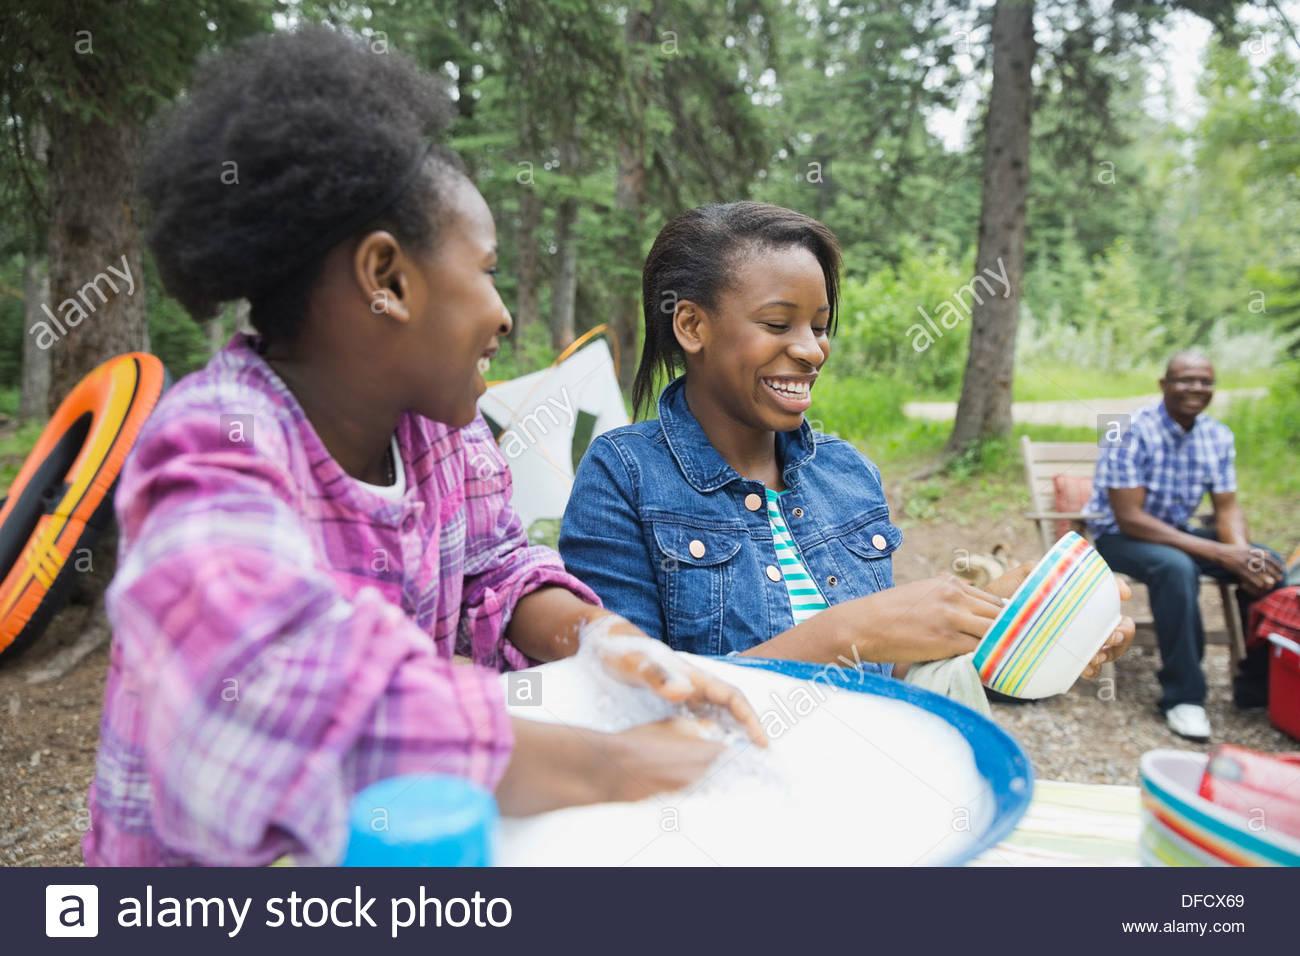 Glücklich Geschwister Abwasch auf Campingplatz Stockbild